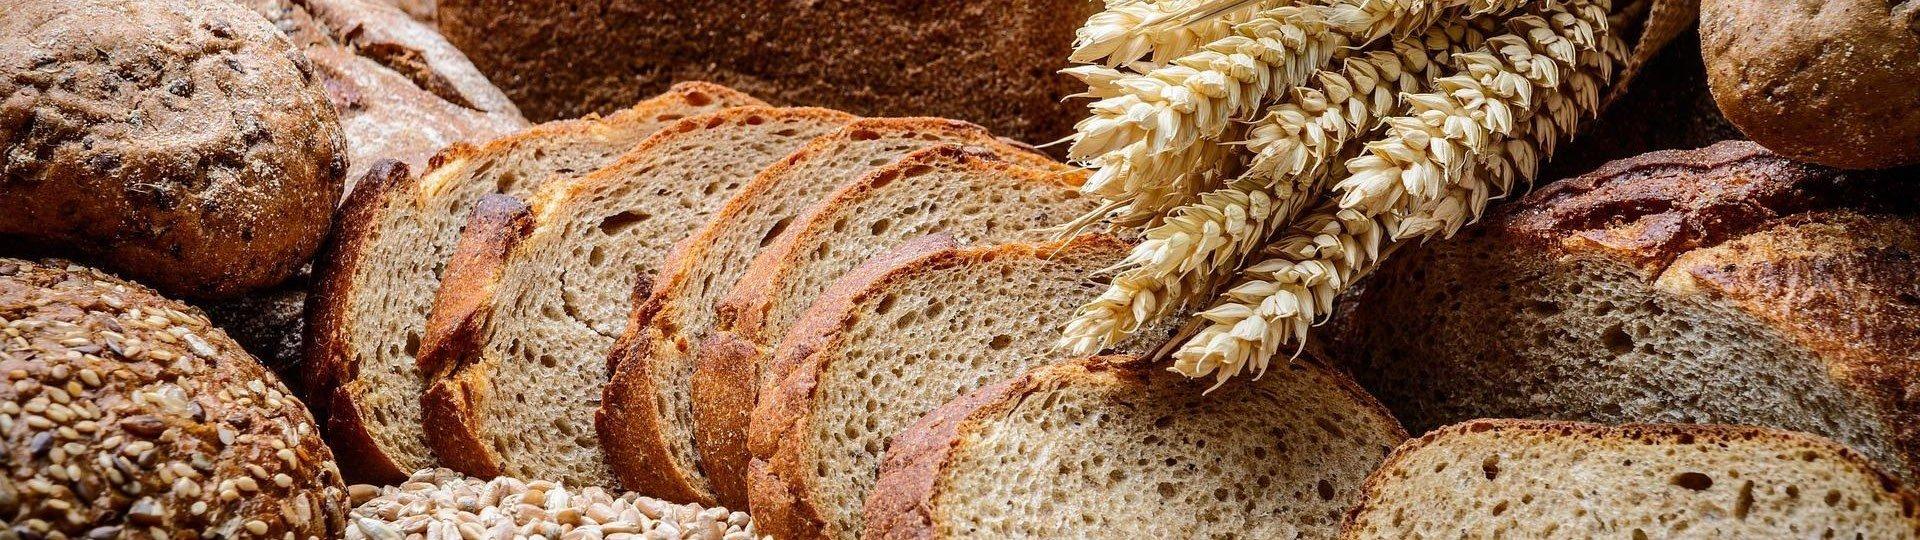 ОАО «Хлеб Кубани»